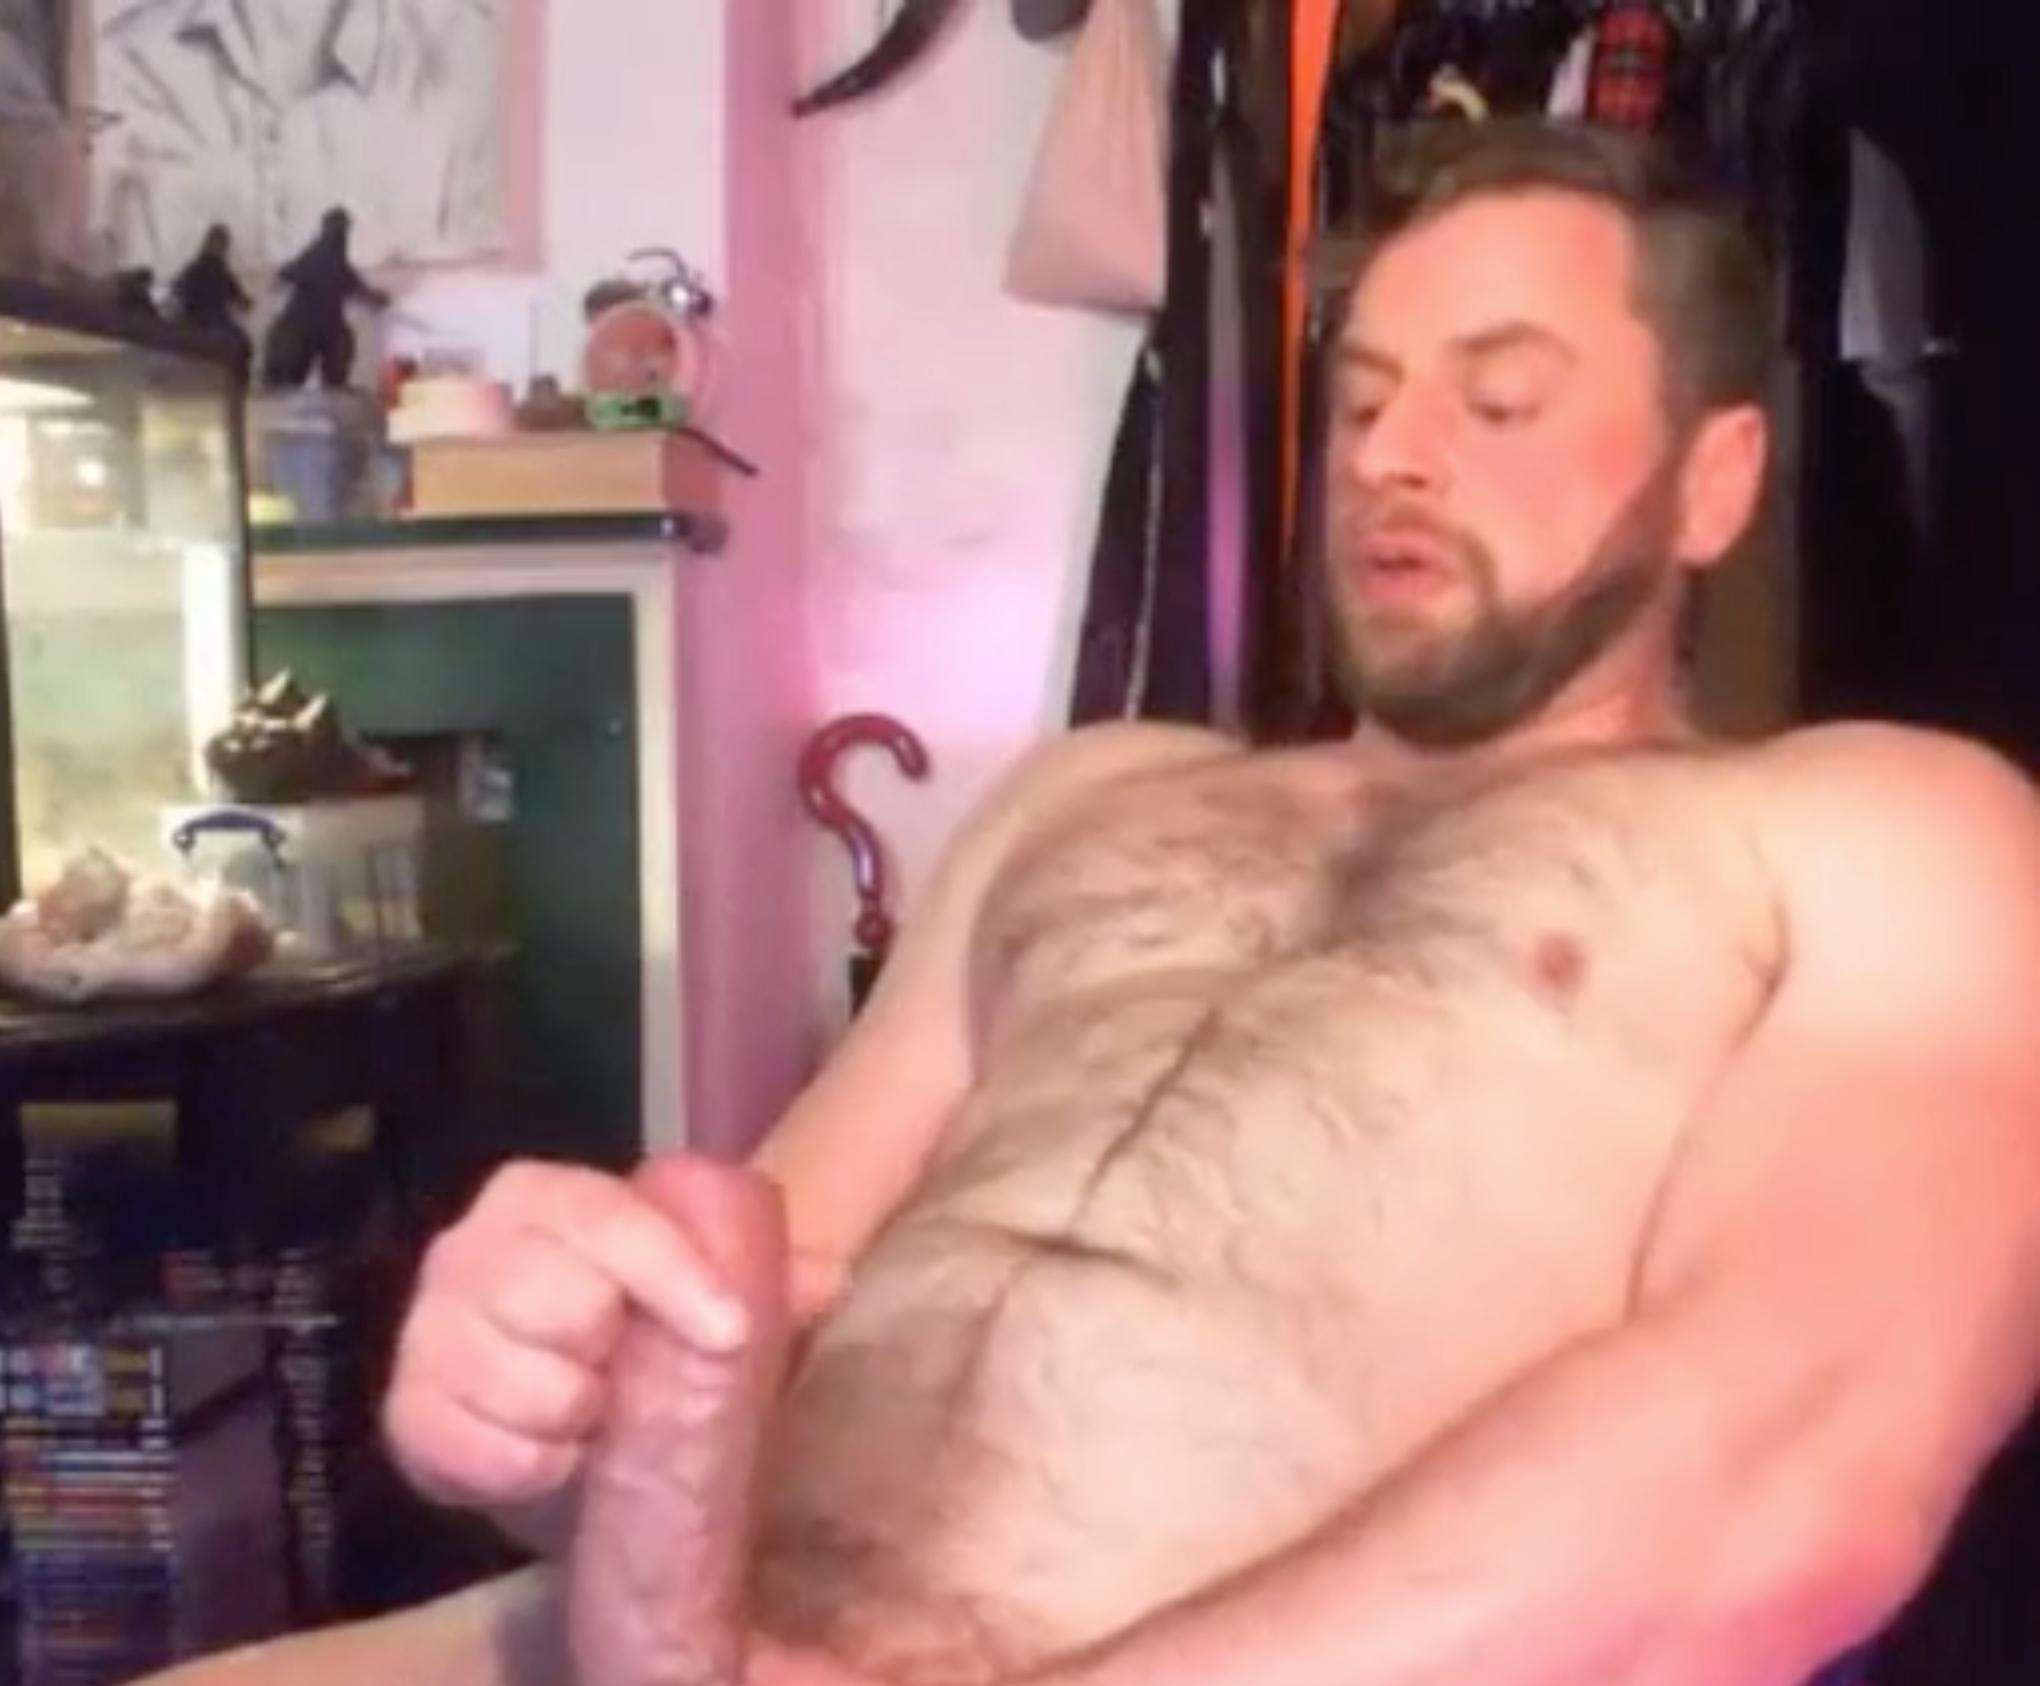 Urso, Urso Gay, Pauzão, Big Dick, Punheta, Masturbação, Bronha, Batendo Punheta